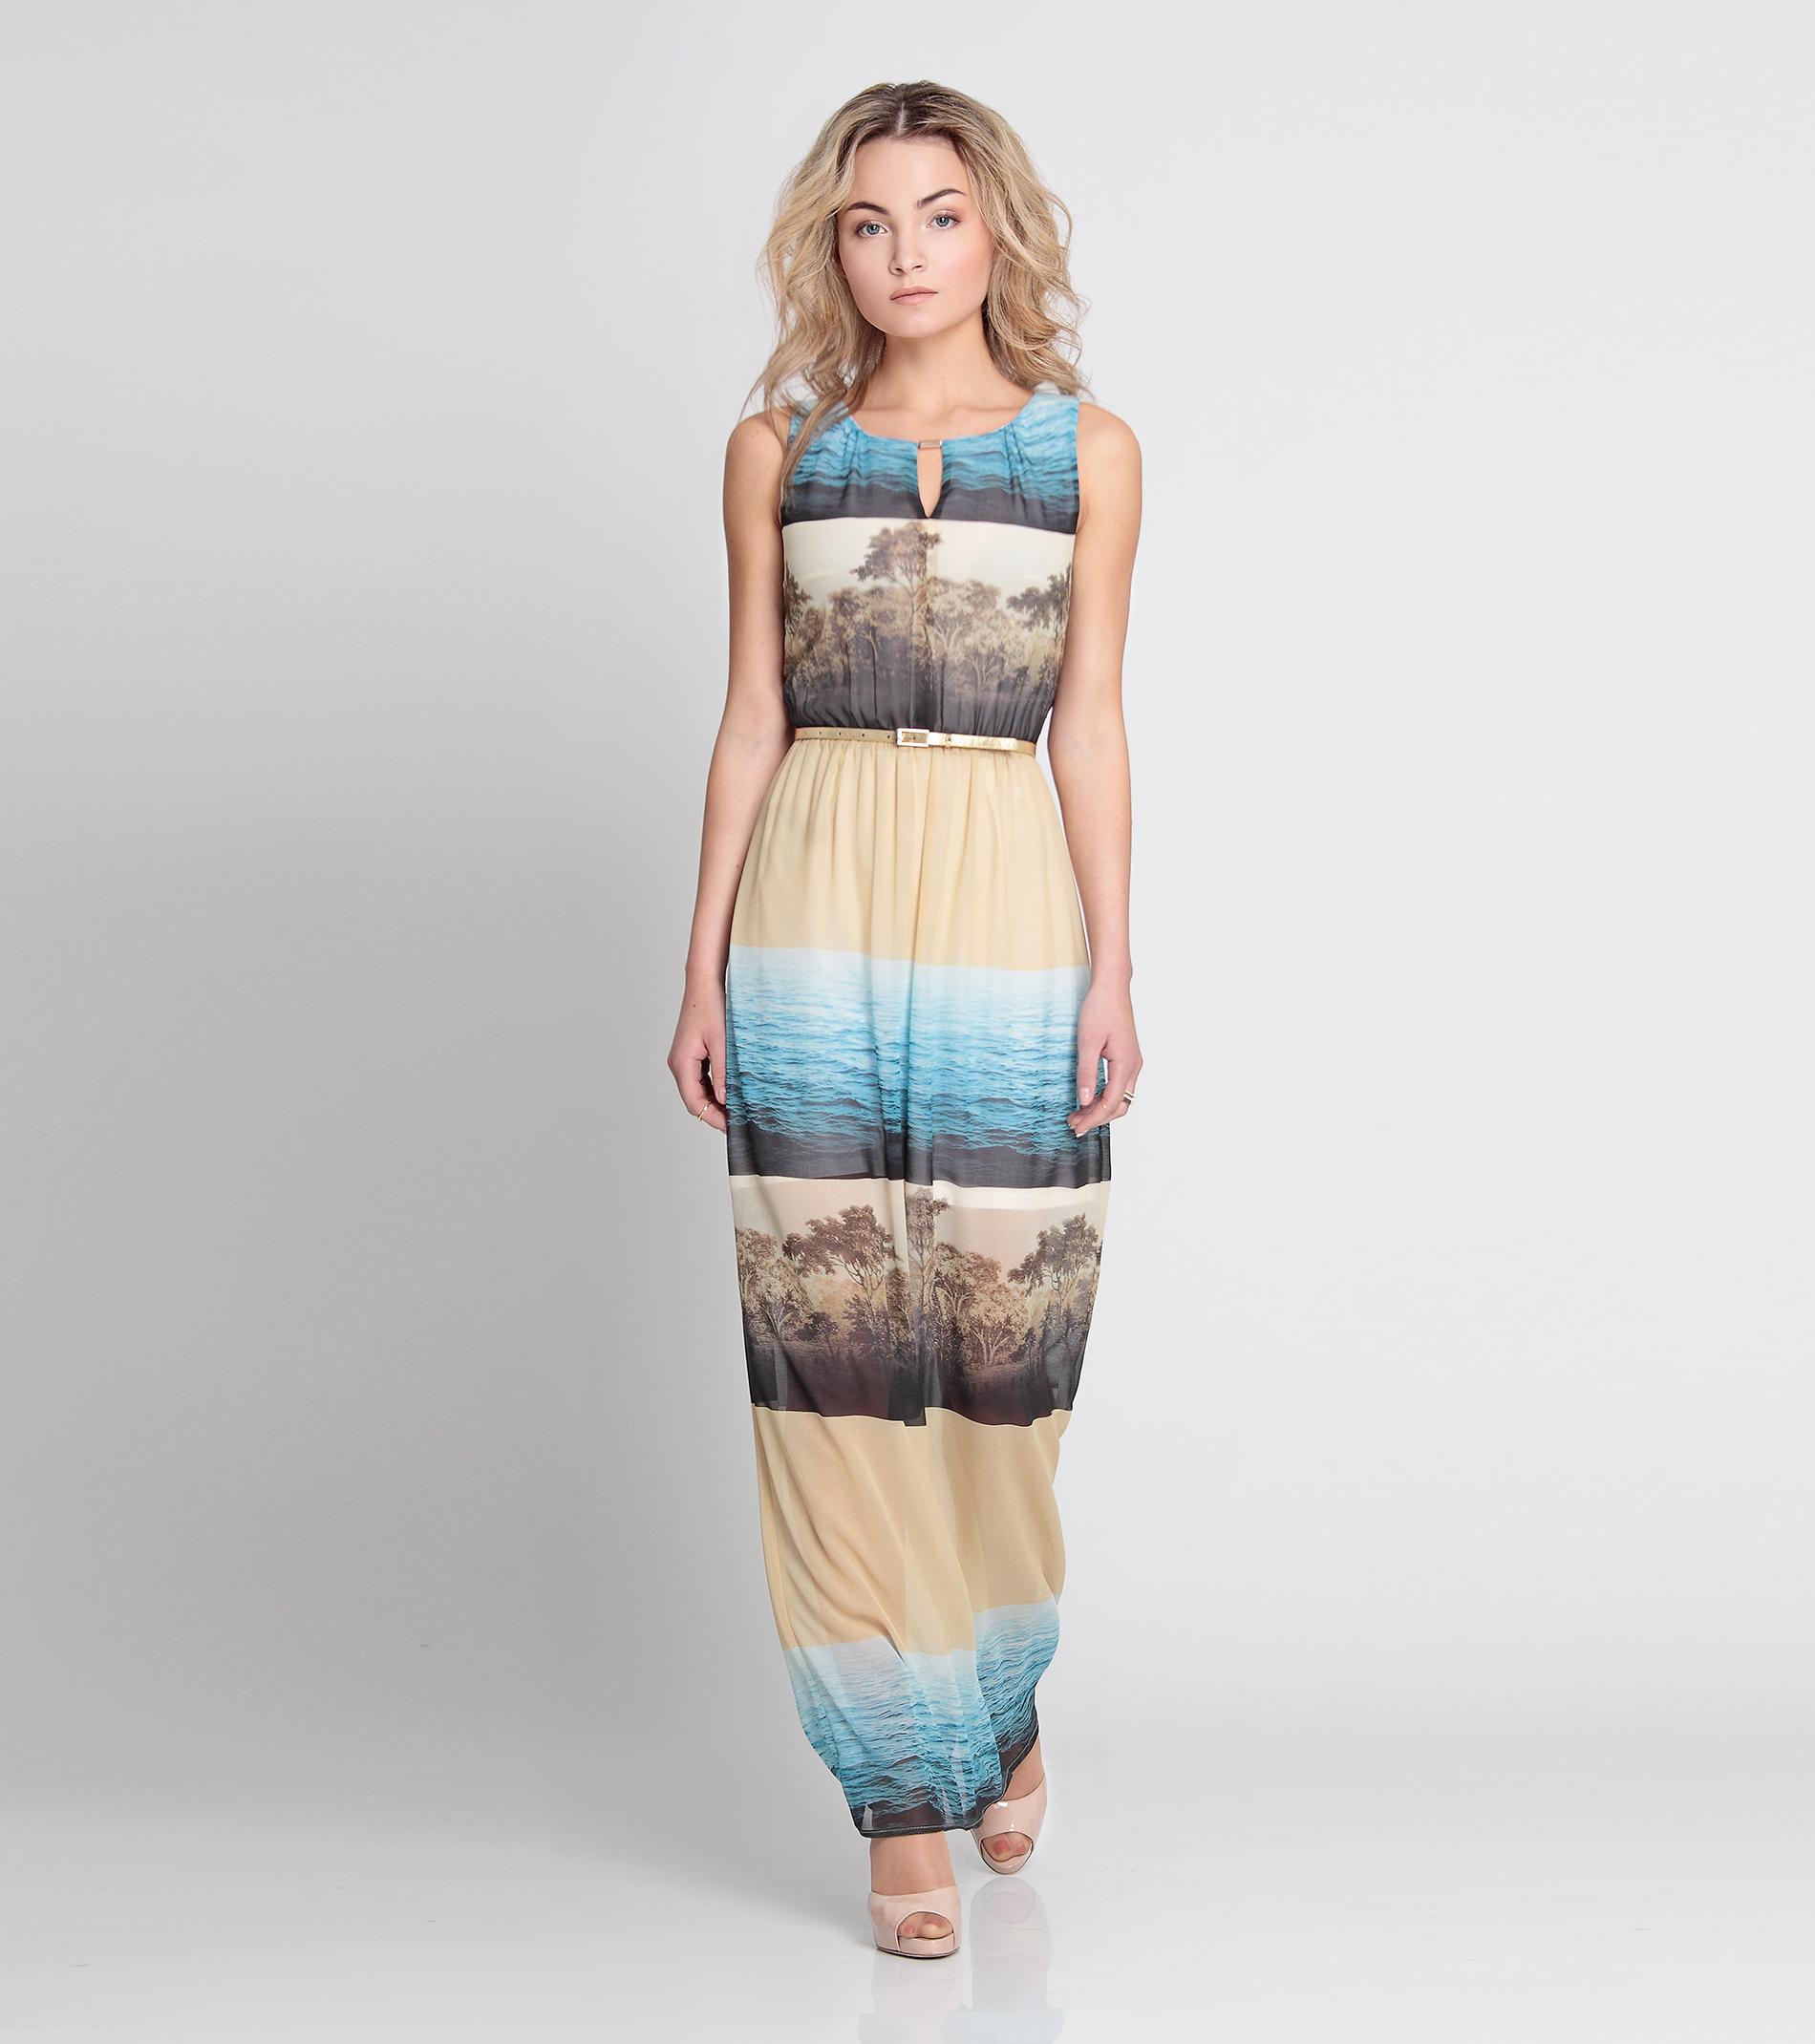 3c8c4e6199f Платье женское 139980 купить в интернет-магазине shop.panda.by с бесплатной  доставкой